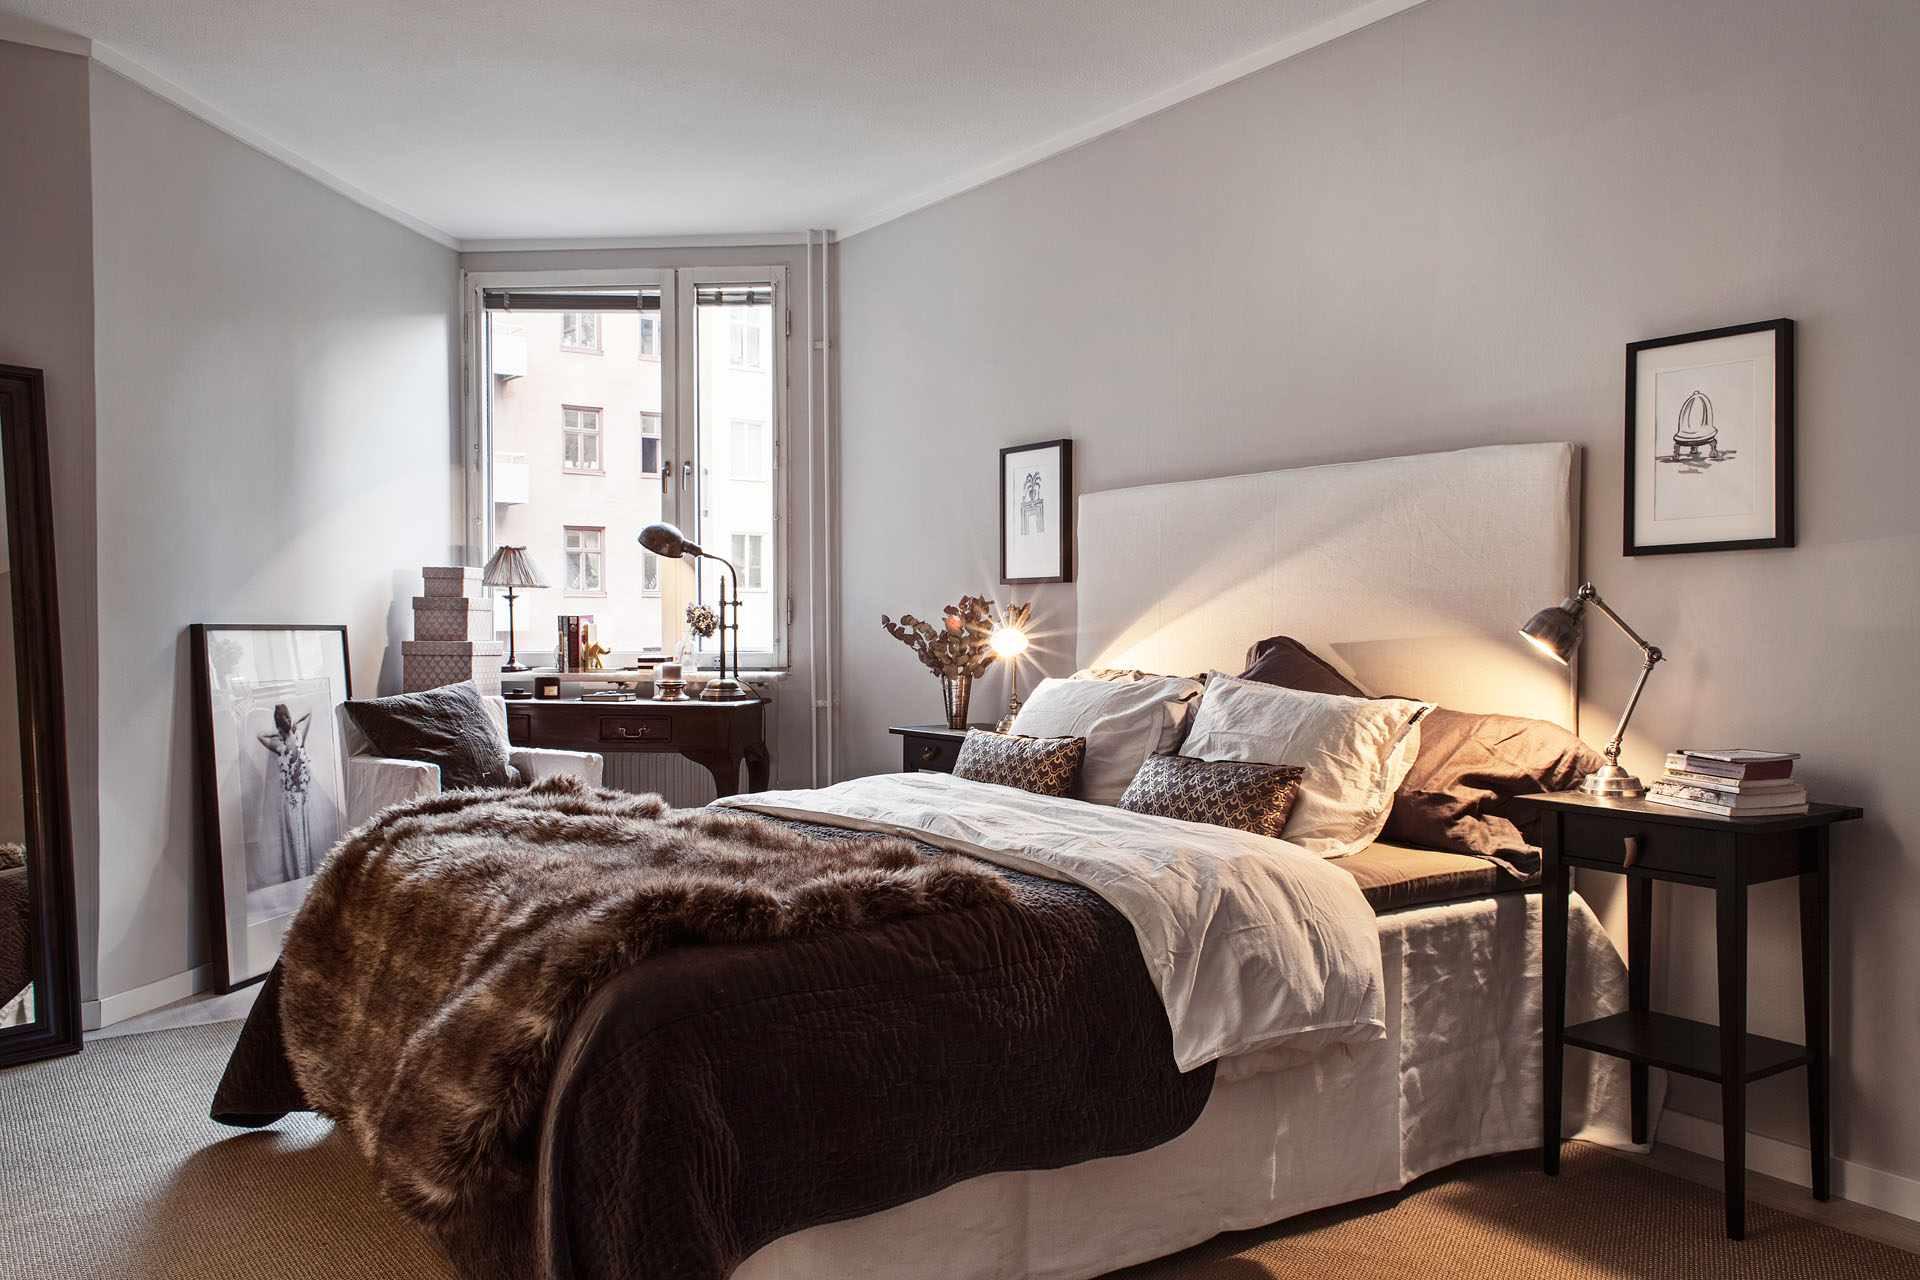 пример необычного дизайна спальной комнаты в хрущевке